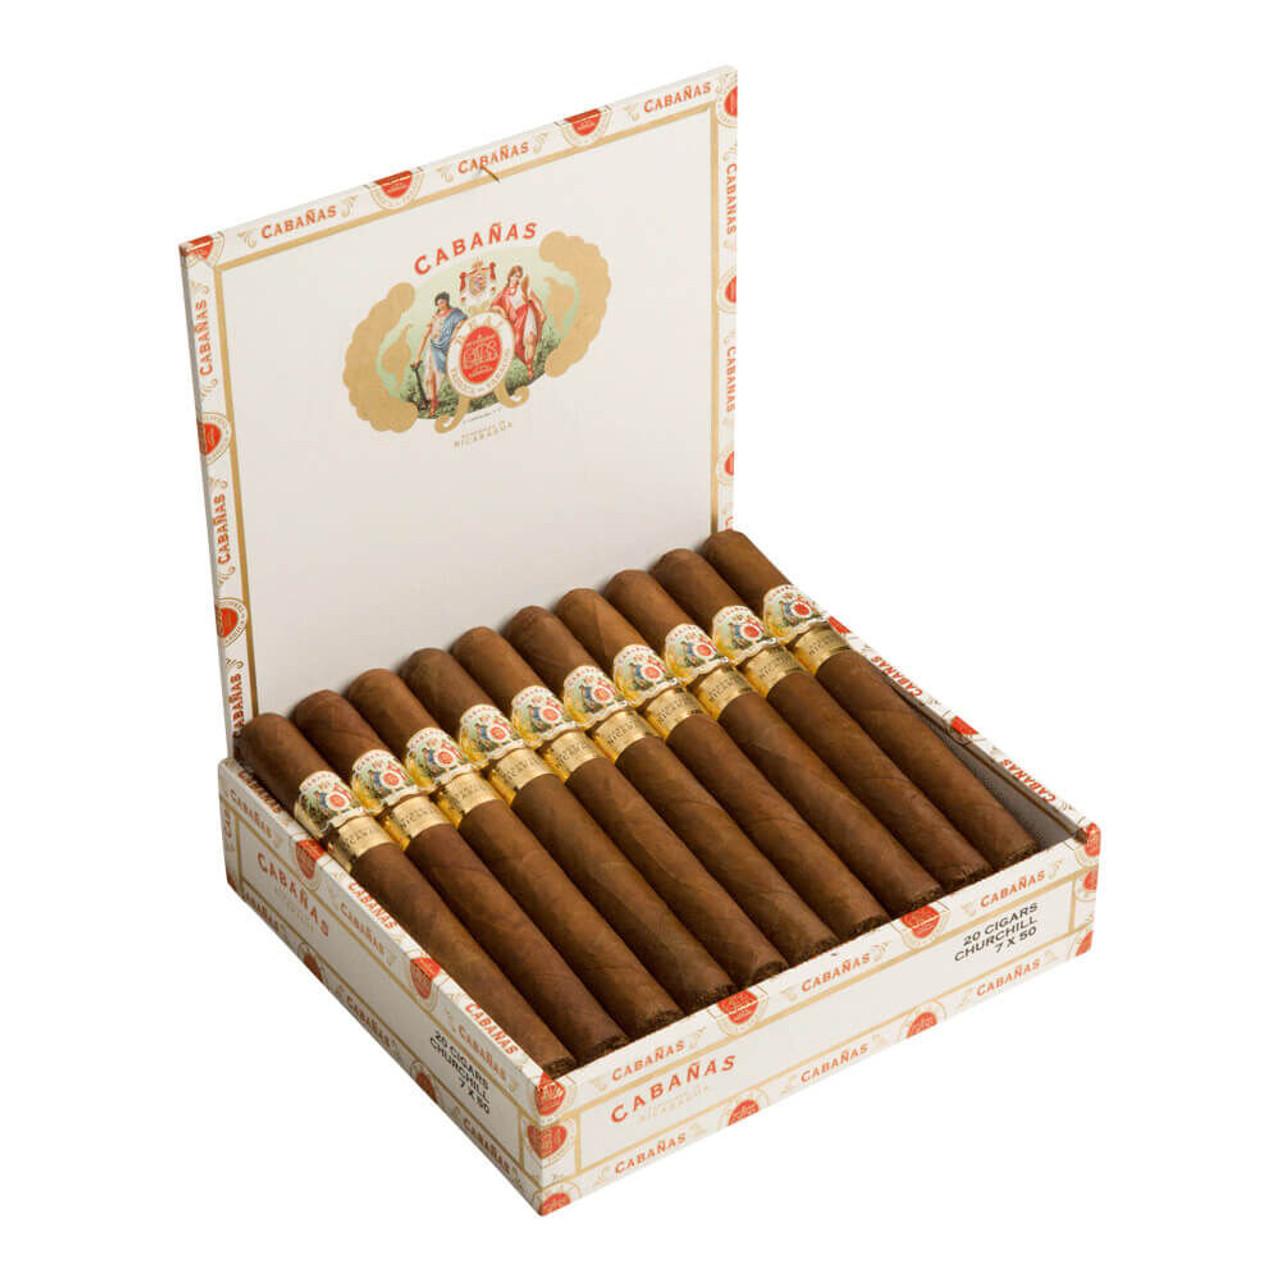 Cabanas Churchill Cigars - 7 x 50 (Box of 20)